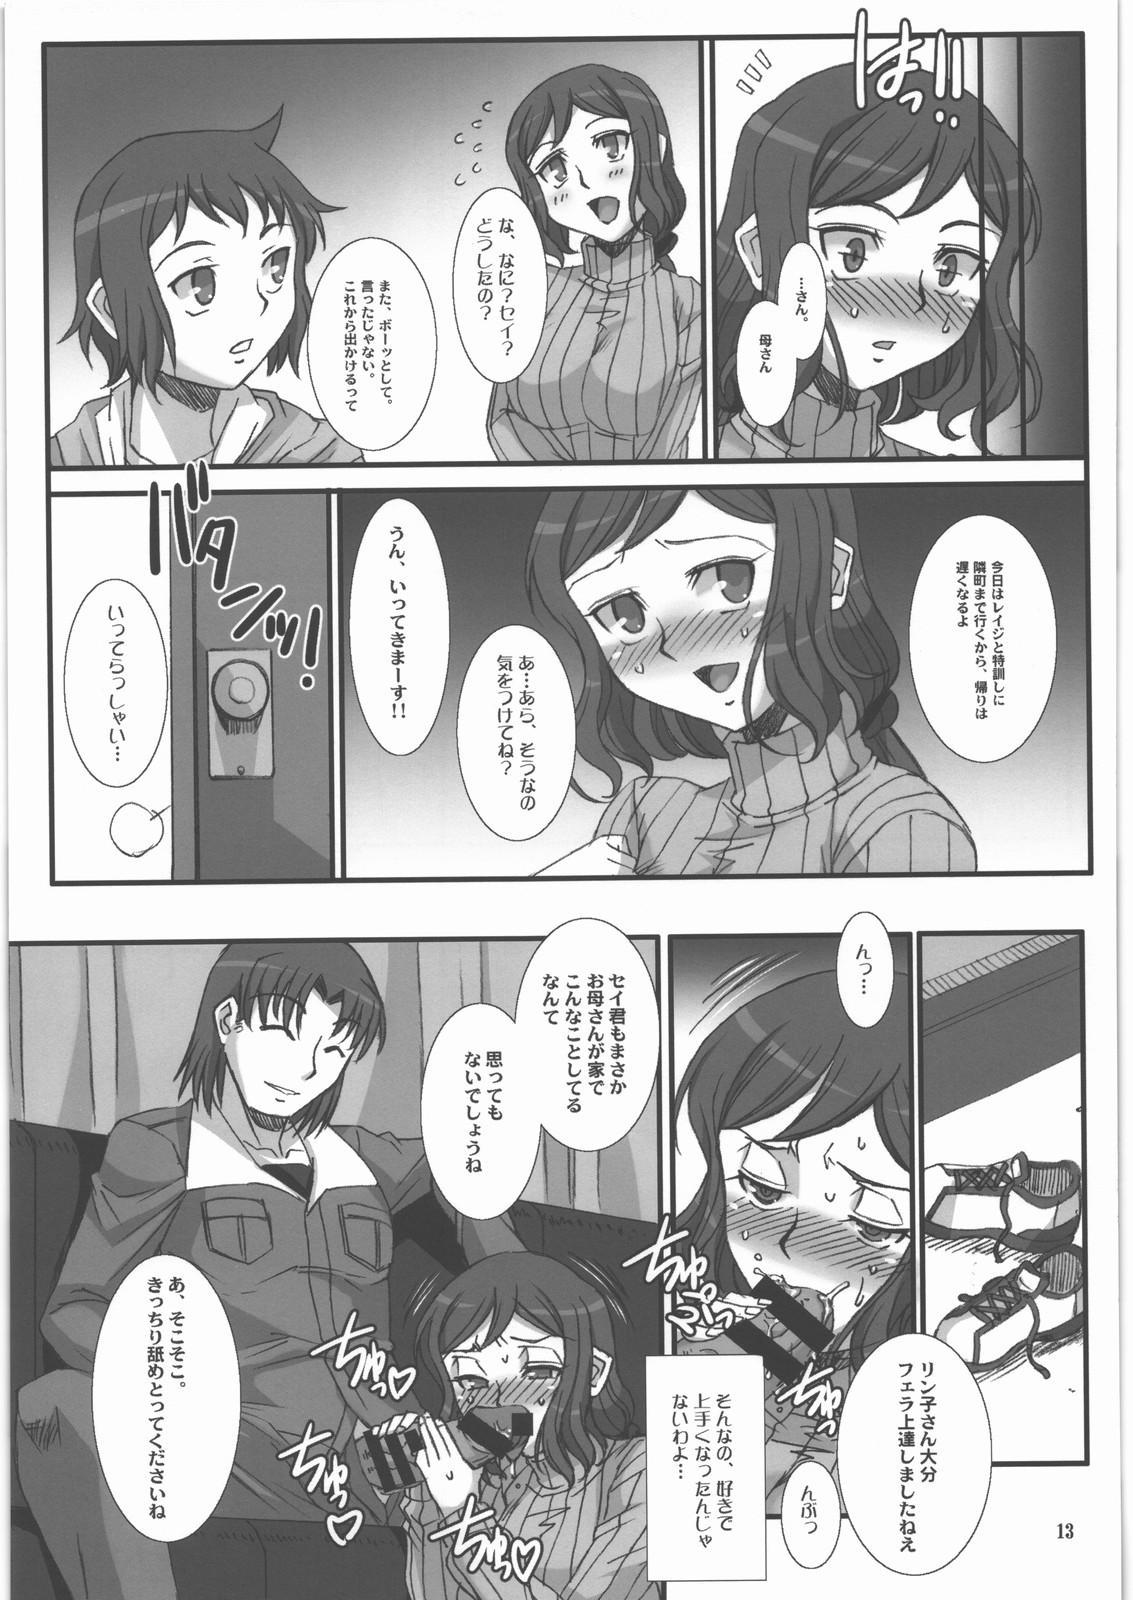 (C85) [H.B (B-RIVER)] Rin toshite Saku Hana no You ni - Saenai PlaMo-ya no Onna Tenshu ga Netorareru Monogatari (Gundam Build Fighters) 11